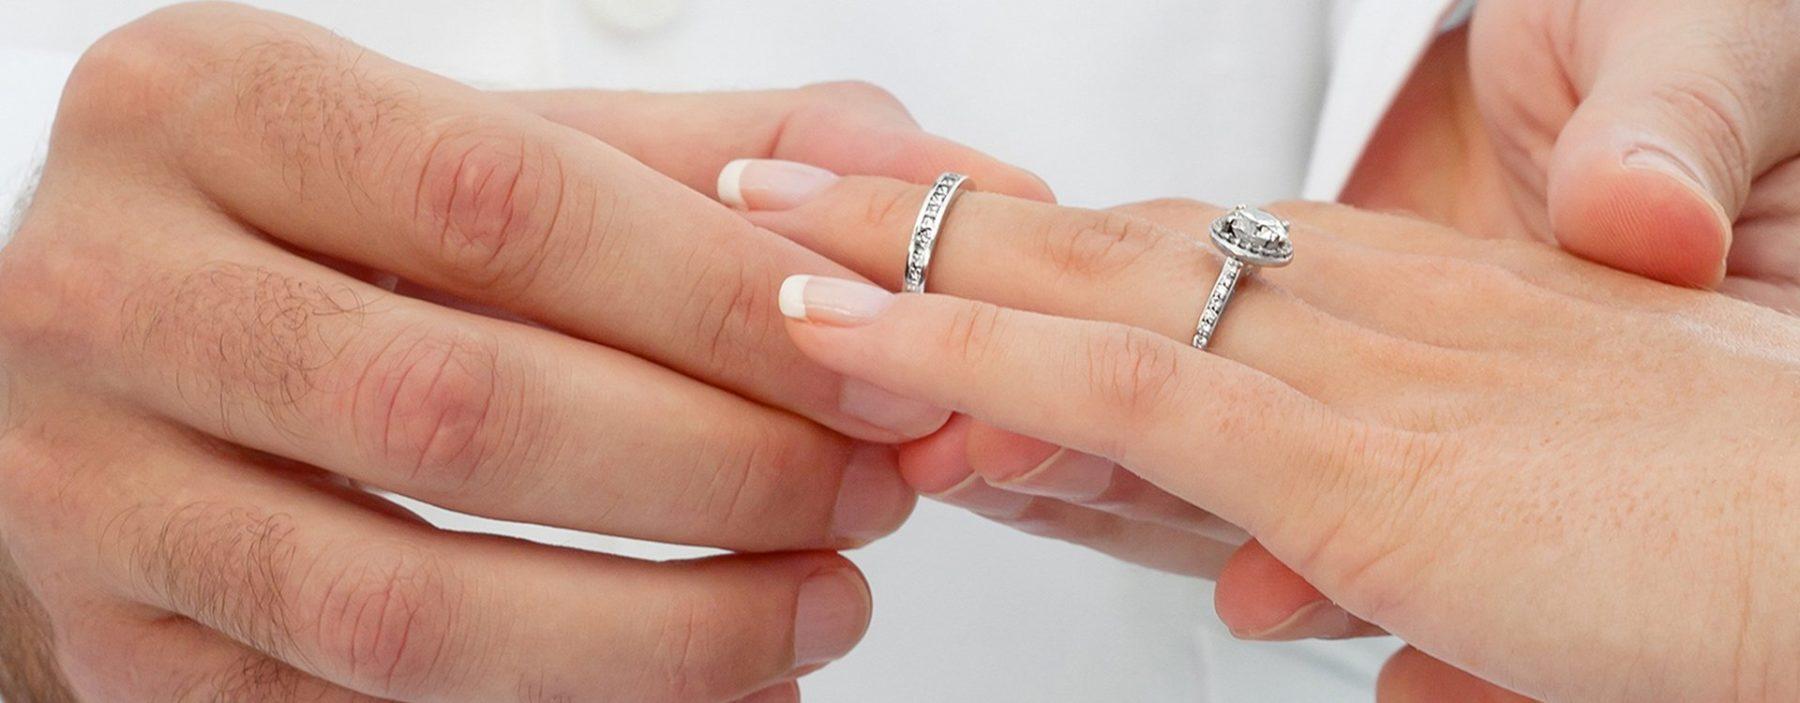 Γάμος έκπληξη στην ελληνική showbiz! Έρχεται και ο πελαργός